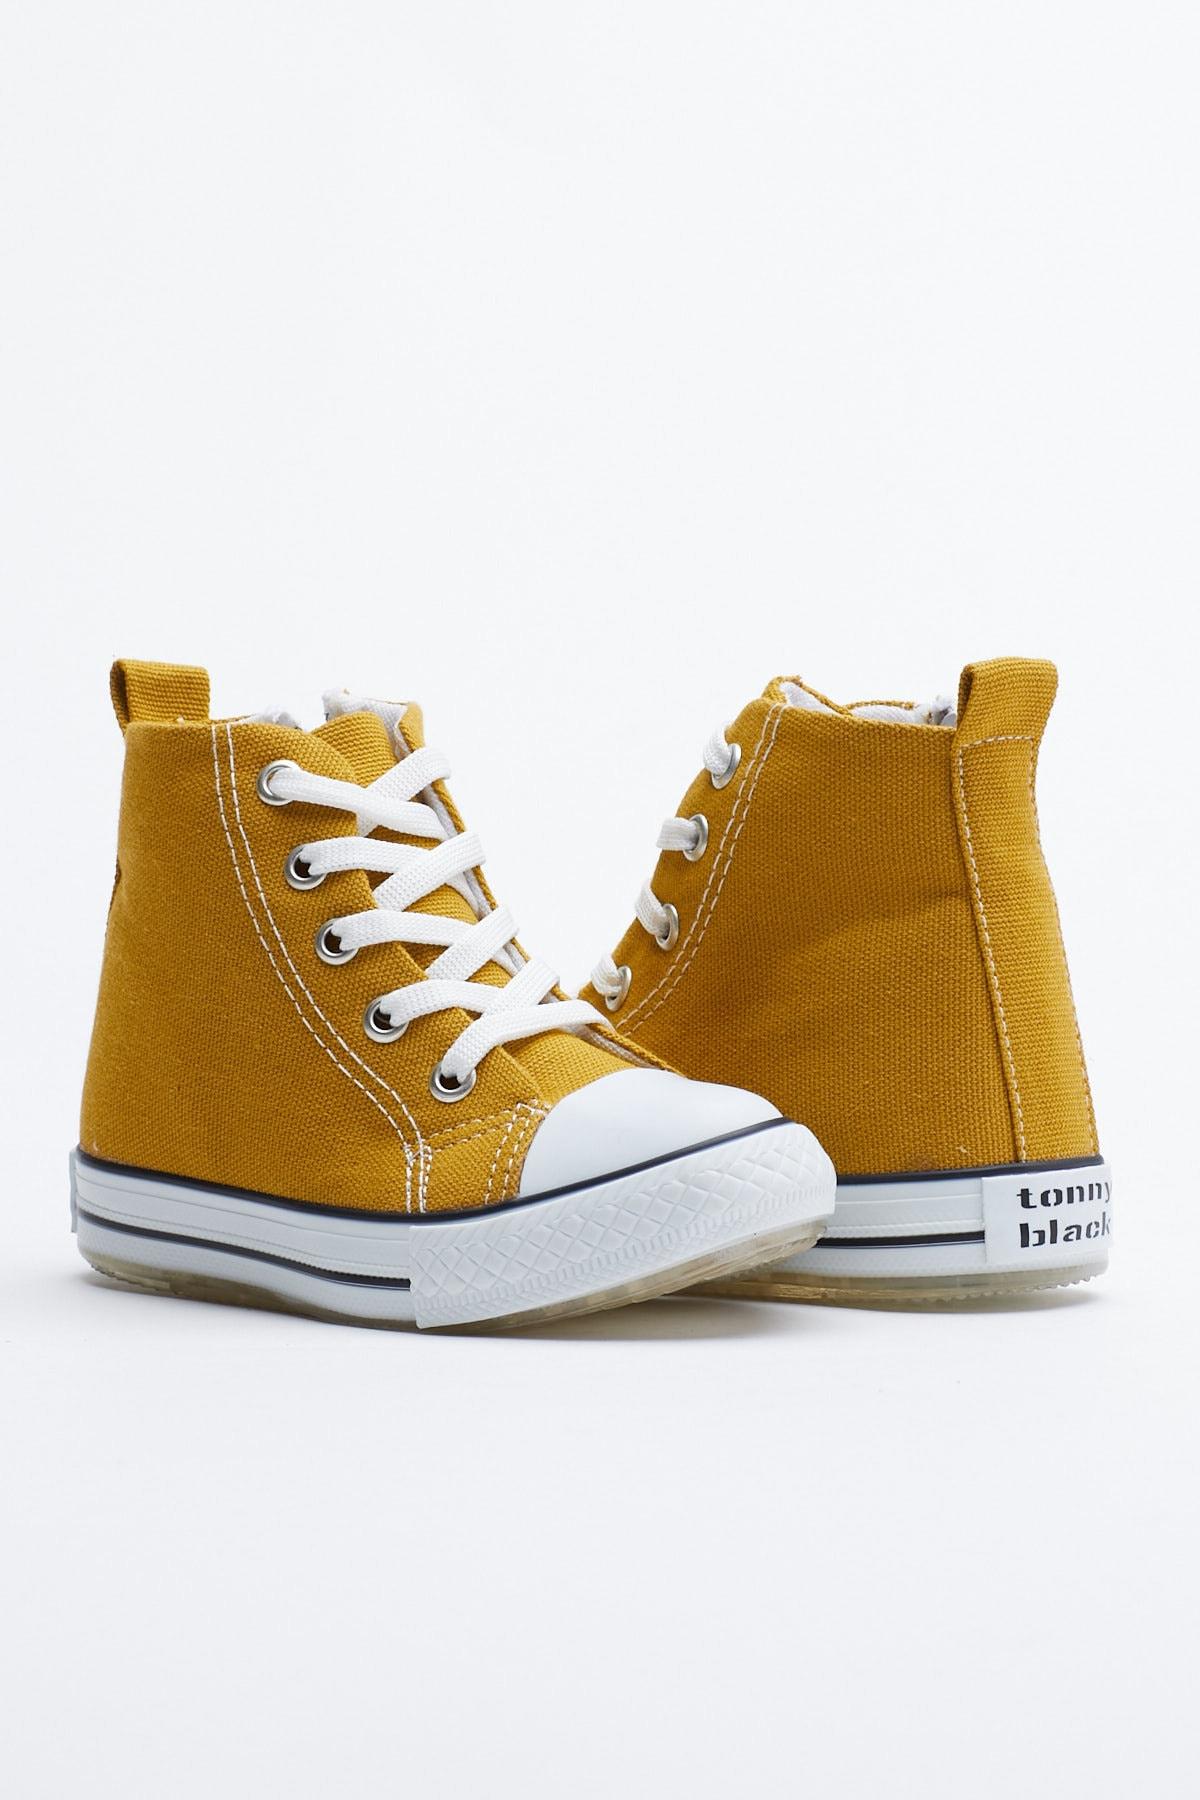 Tonny Black Hardal Çocuk Spor Ayakkabı Uzun Tb999 1